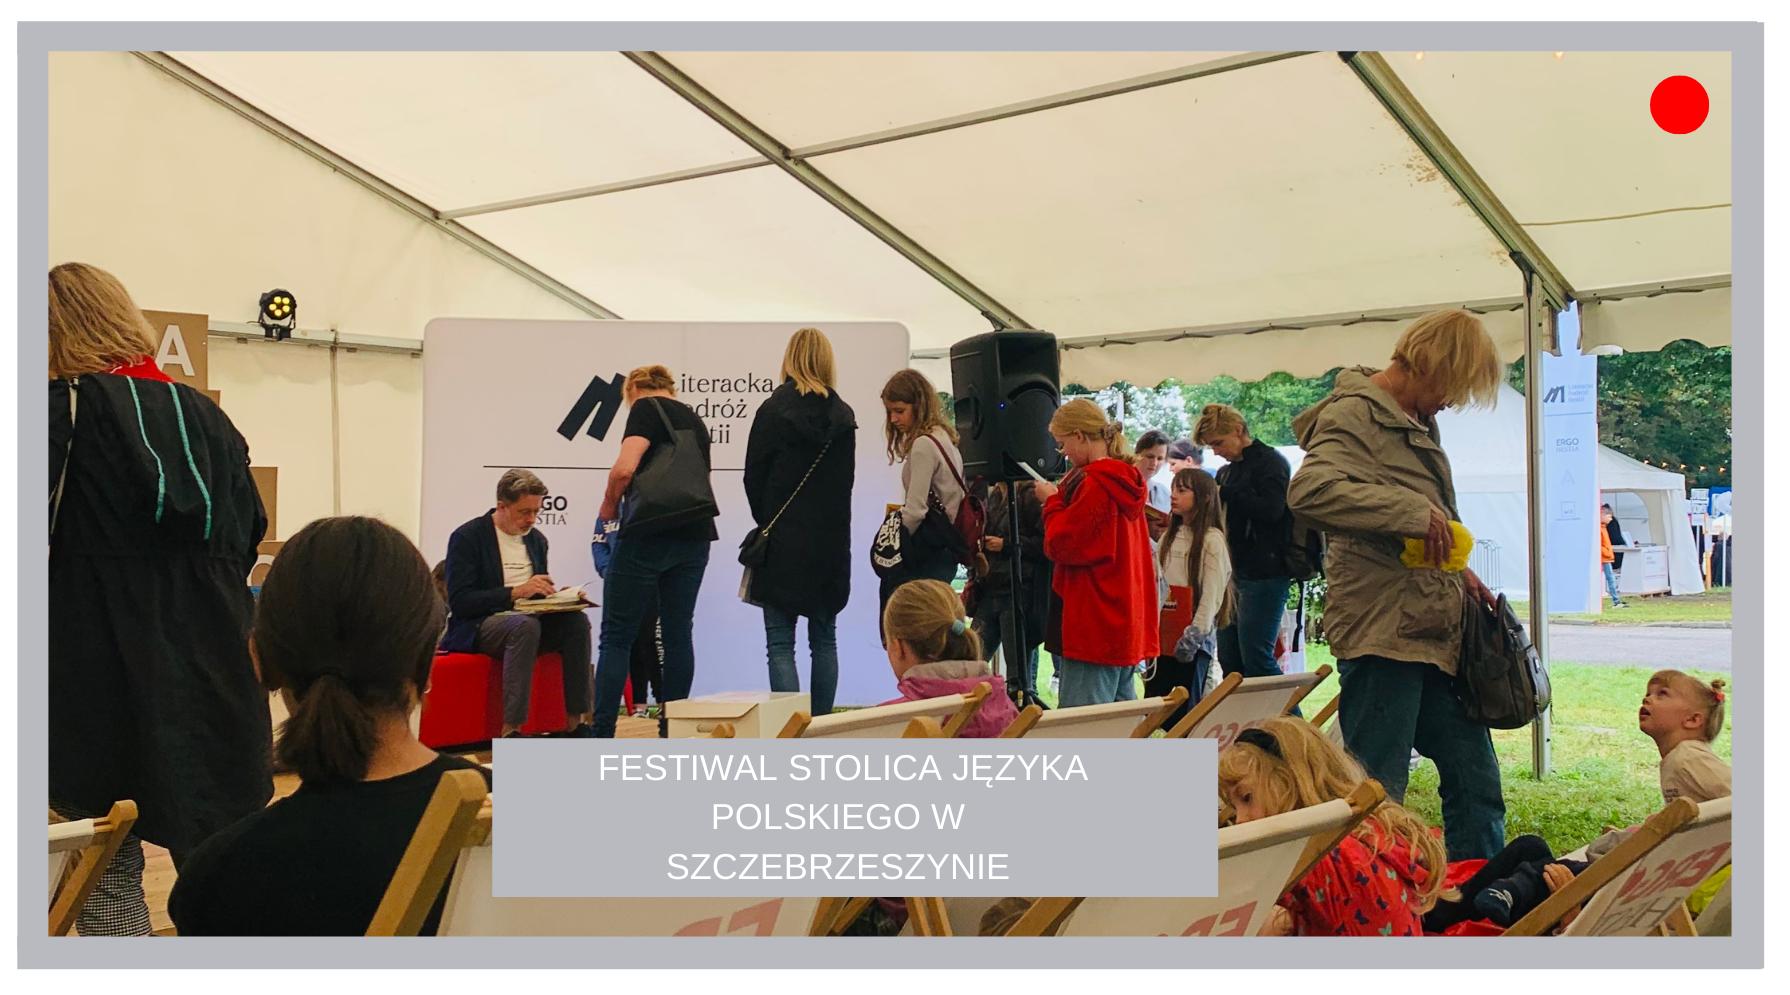 Festiwal Stolica Języka Polskiego w Szczebrzeszynie